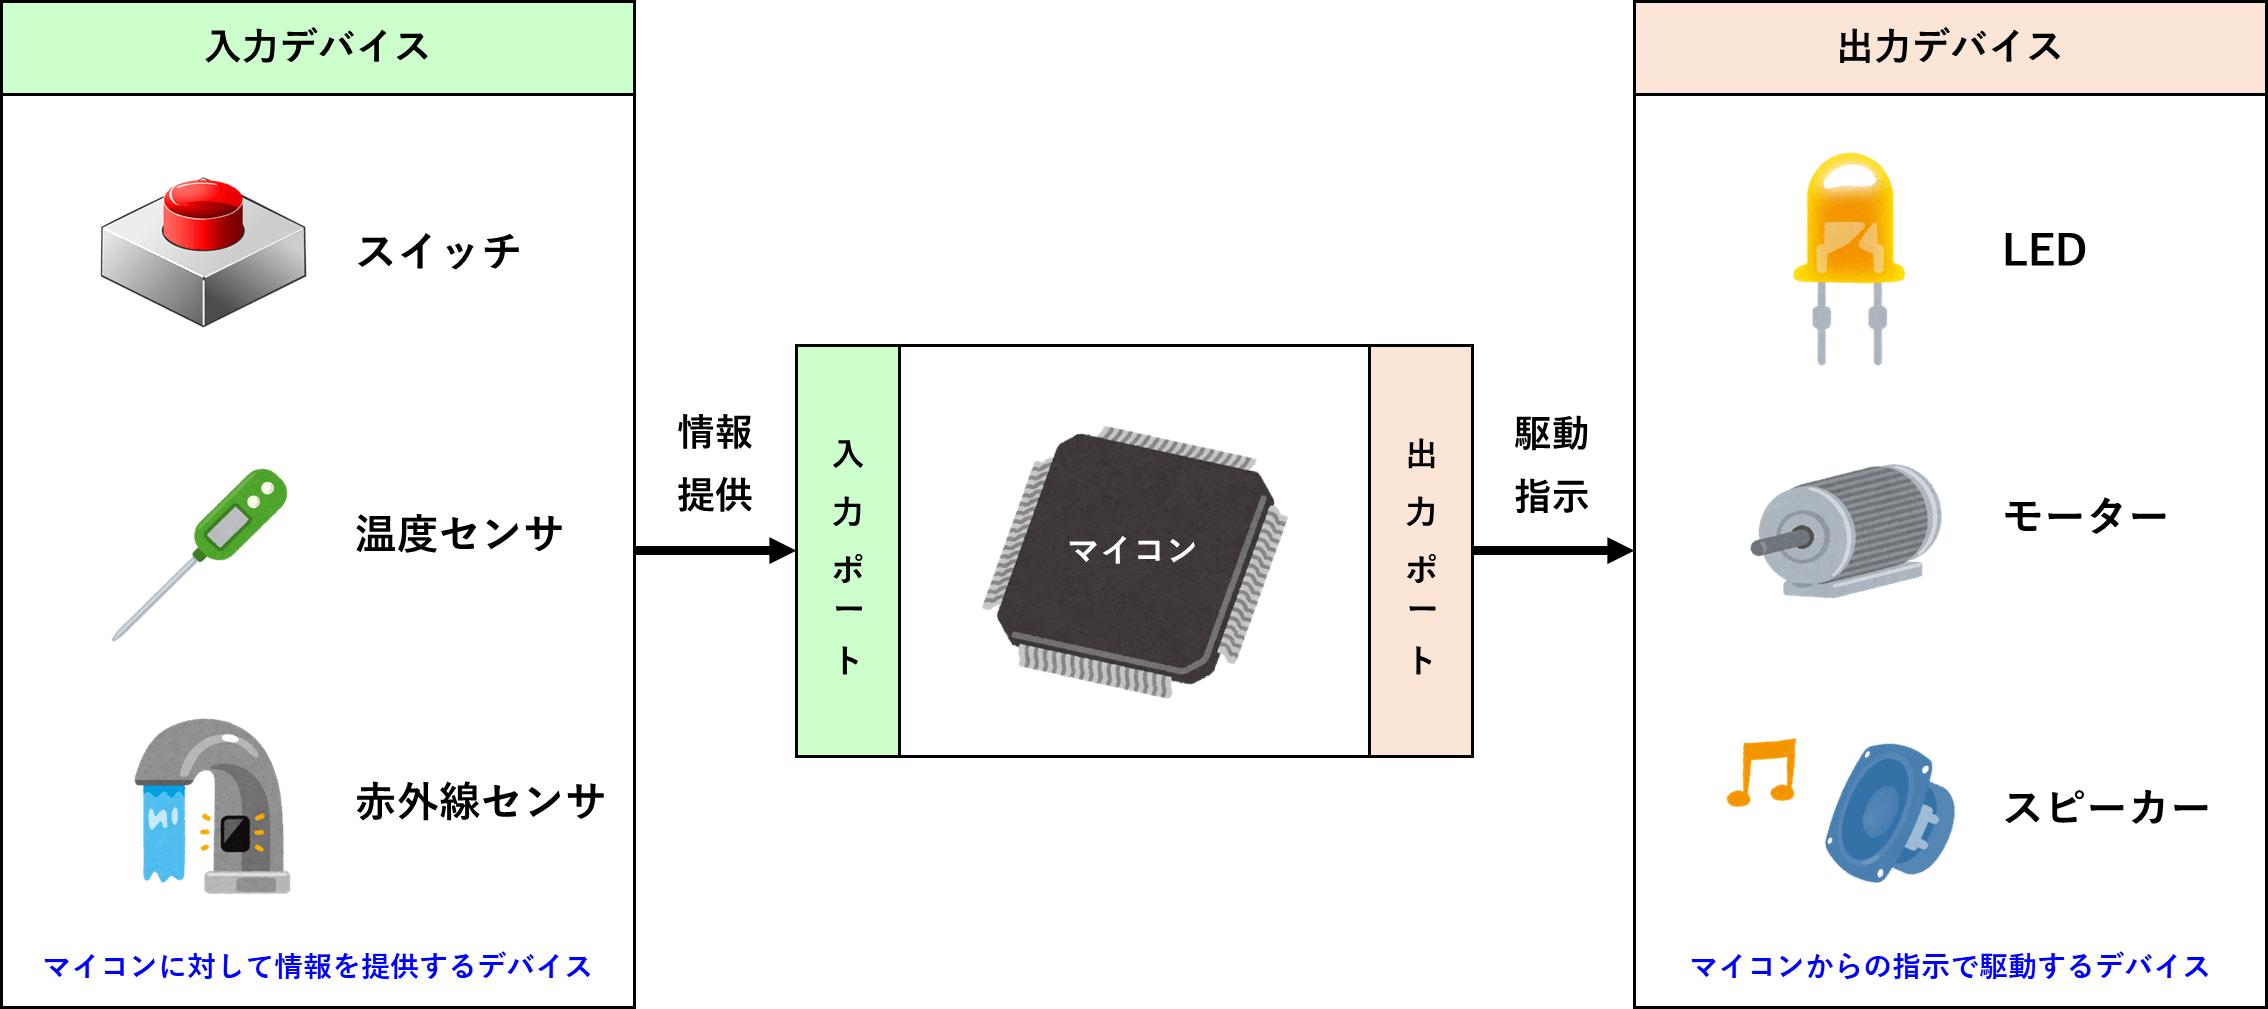 入力と出力デバイス